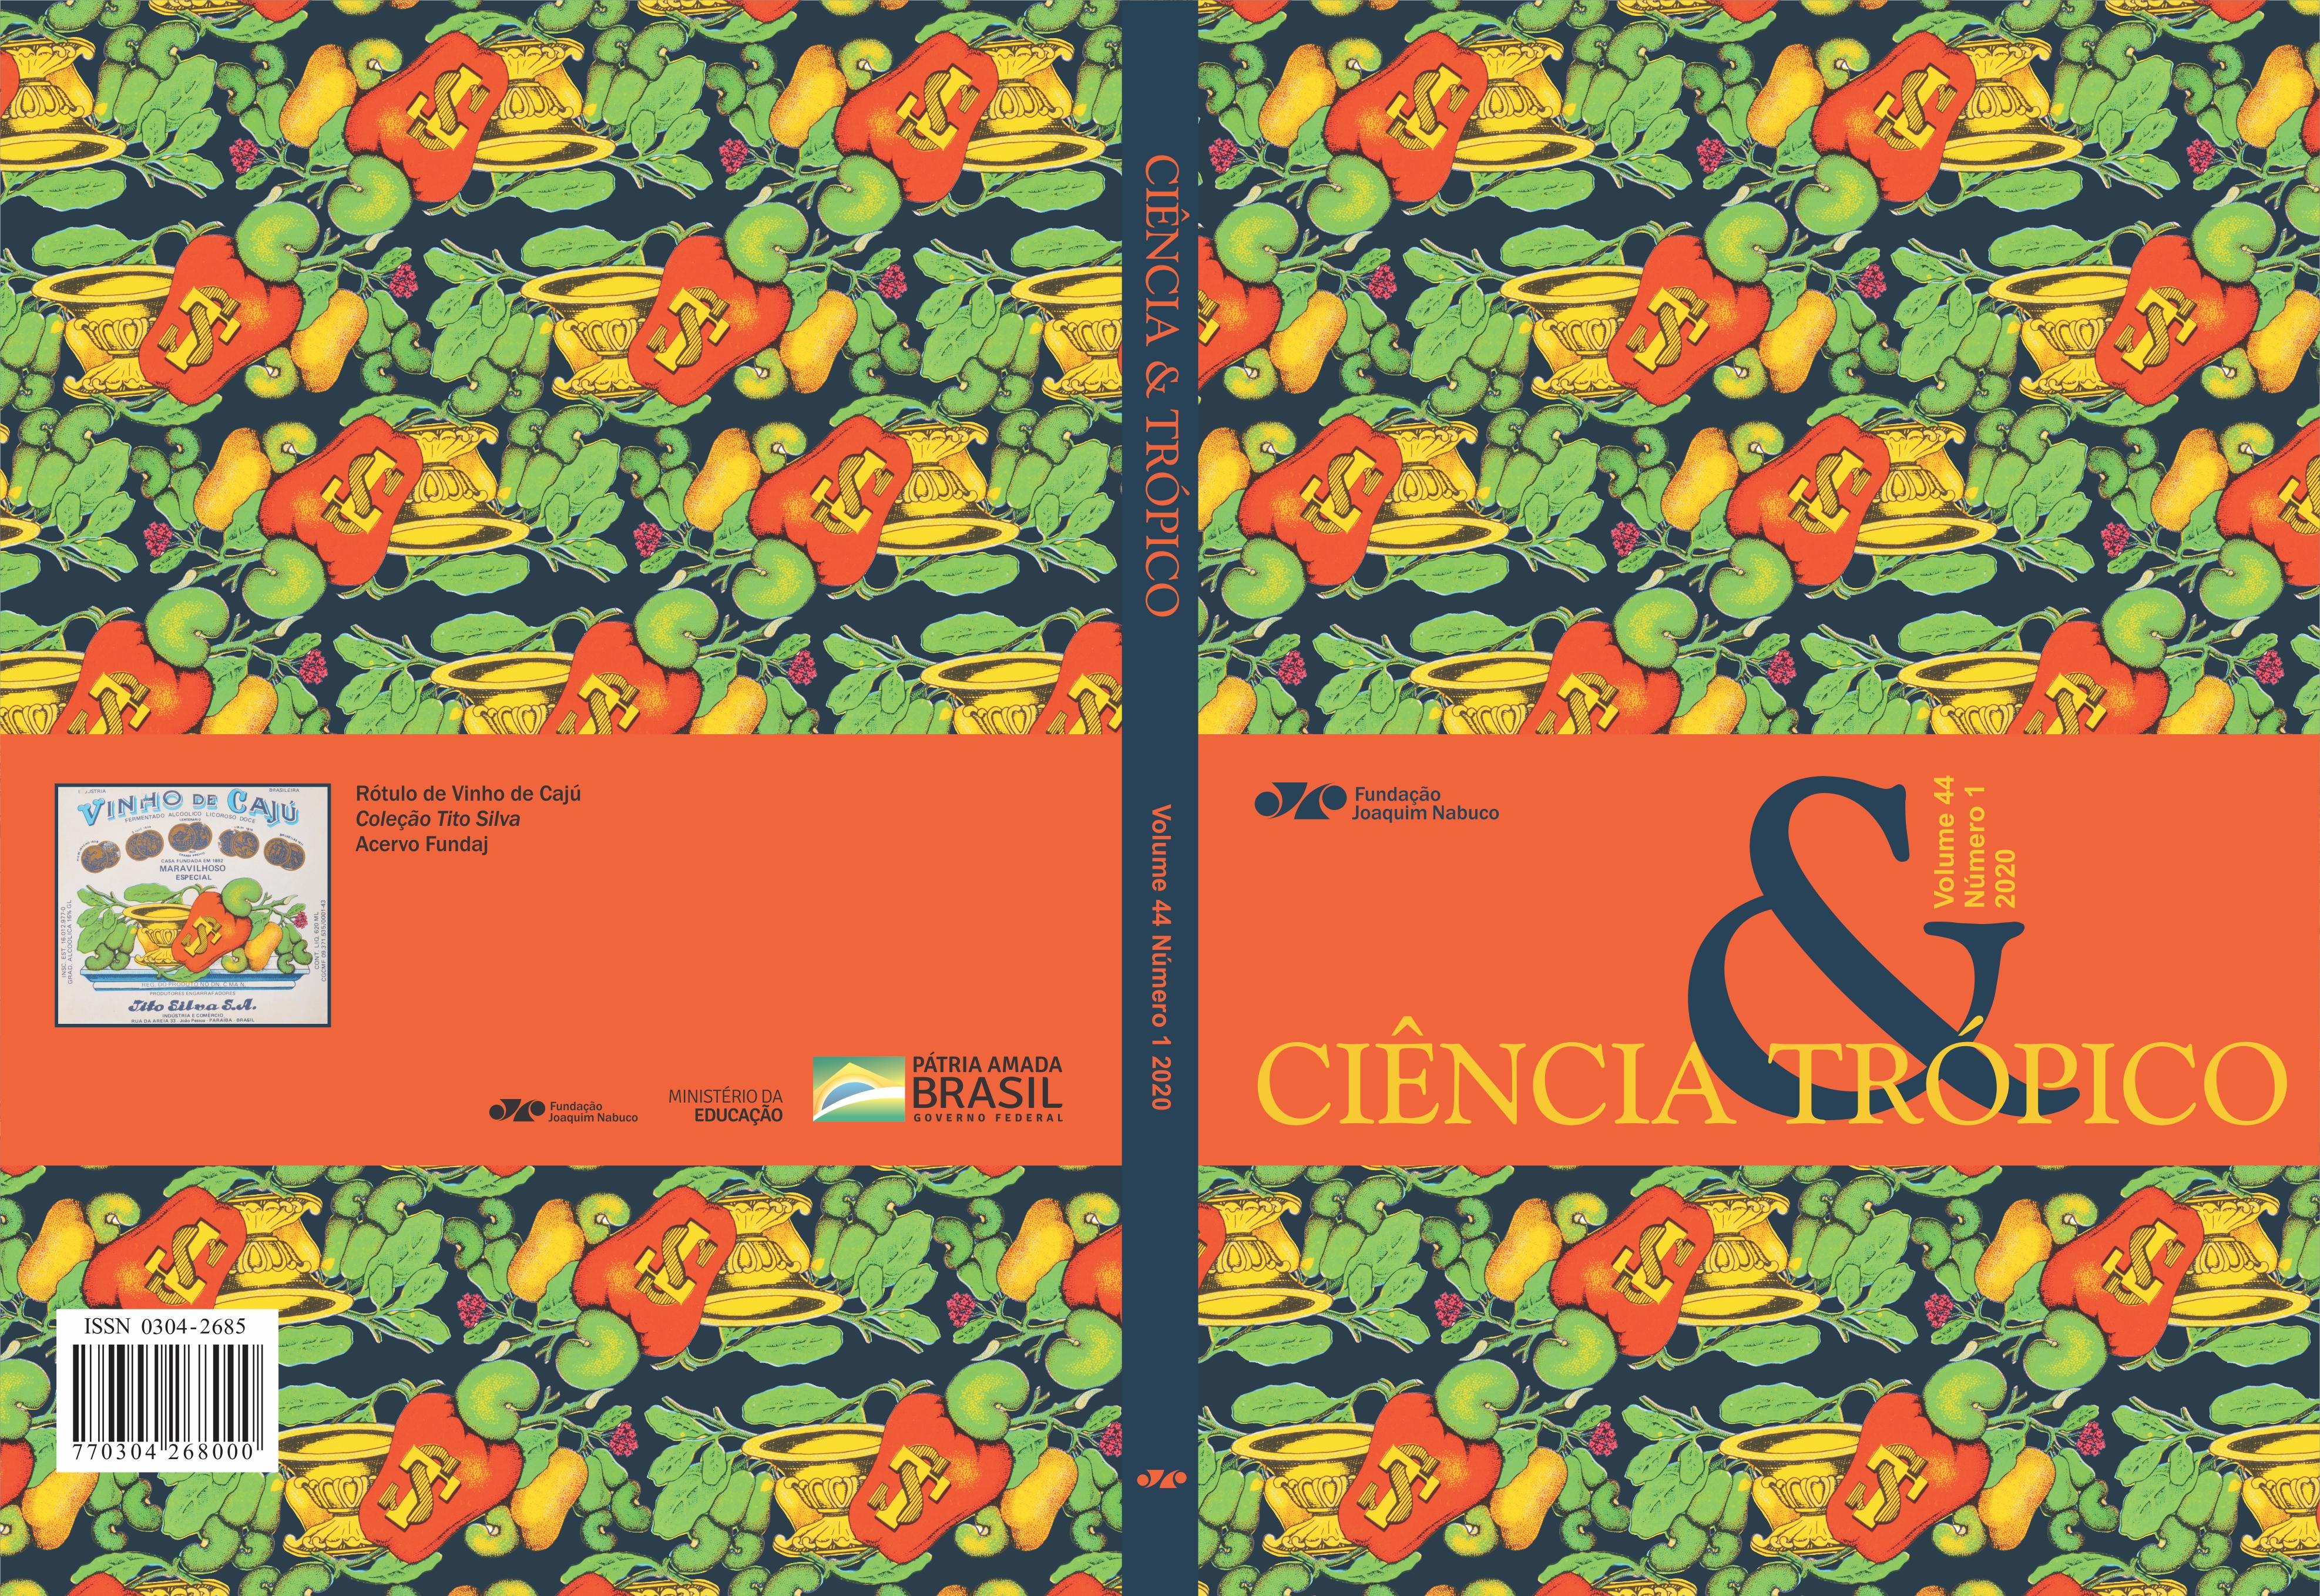 Rótulo de Vinho de Cajú, Coleção Tito Silva - Acervo Fundaj